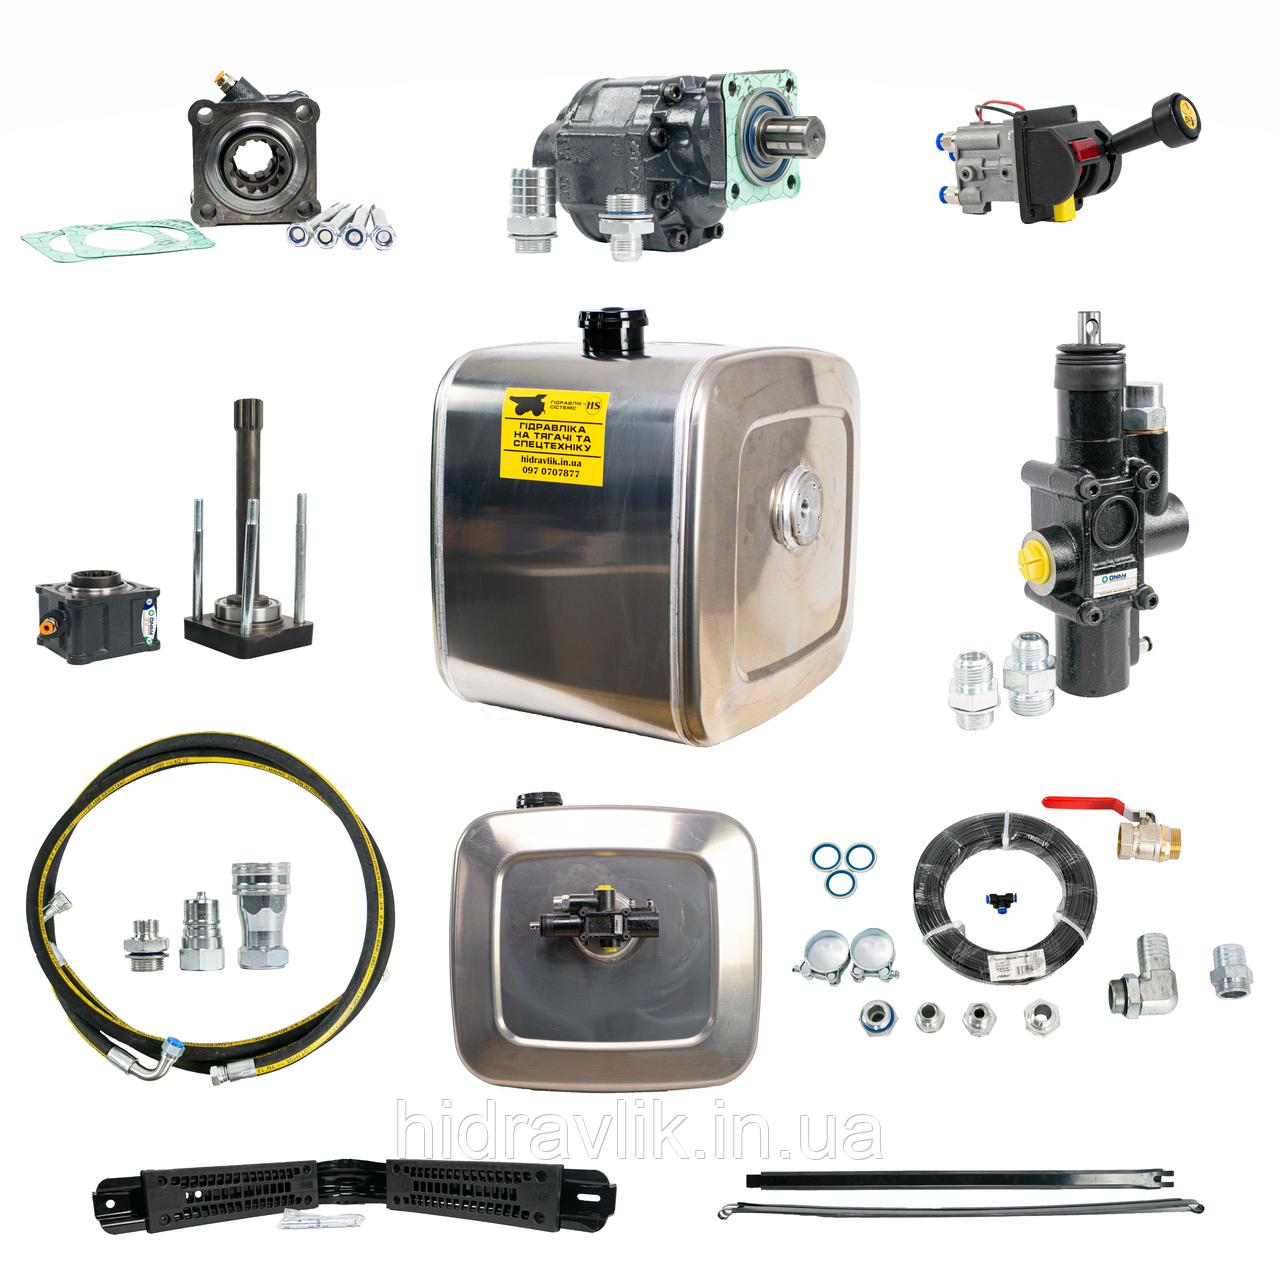 Комплект гідравліки на ZF для автомобілів MAN, DAF, IVECO і RENAULT